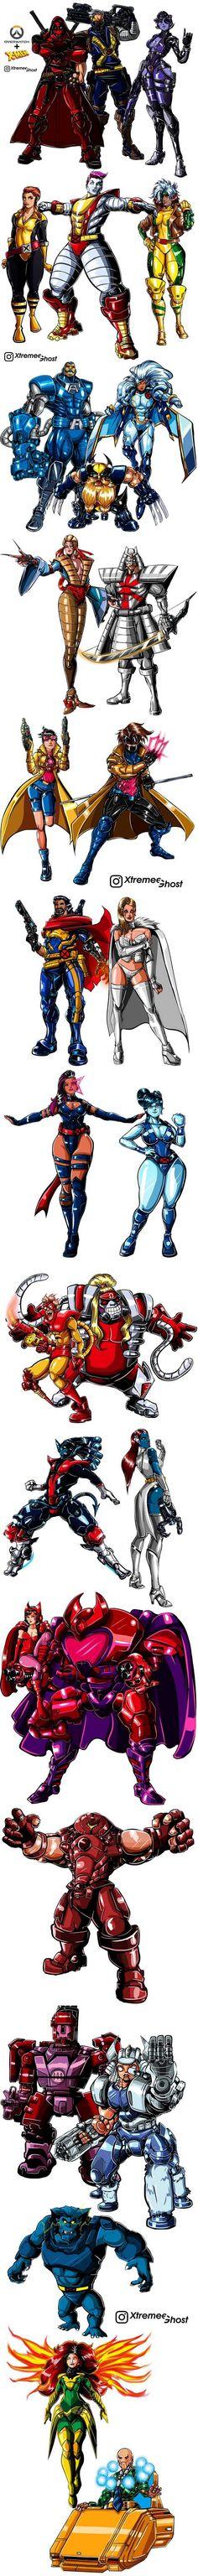 X-Men Overwatch Crossover